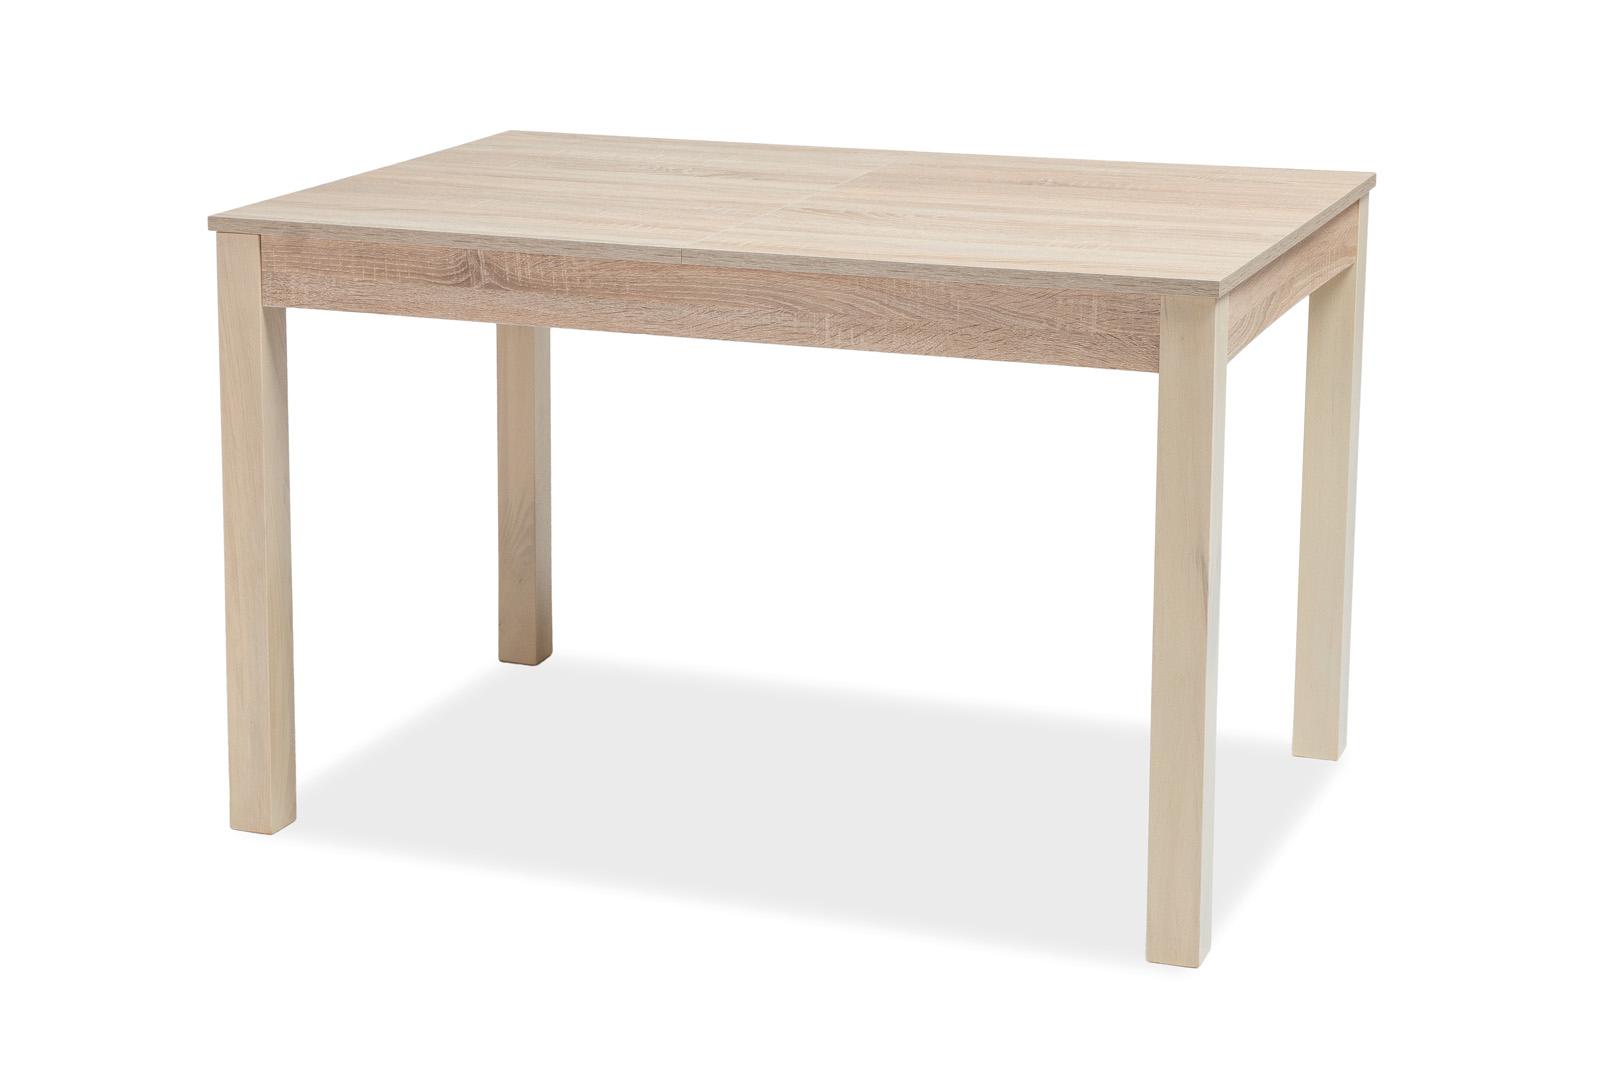 Jedálenský stôl - Signal - Prism (dub sonoma) (pre 4 až 6 osôb). Doprava ZDARMA. Sme autorizovaný predajca Signal. Vlastná spoľahlivá doprava až k Vám domov.